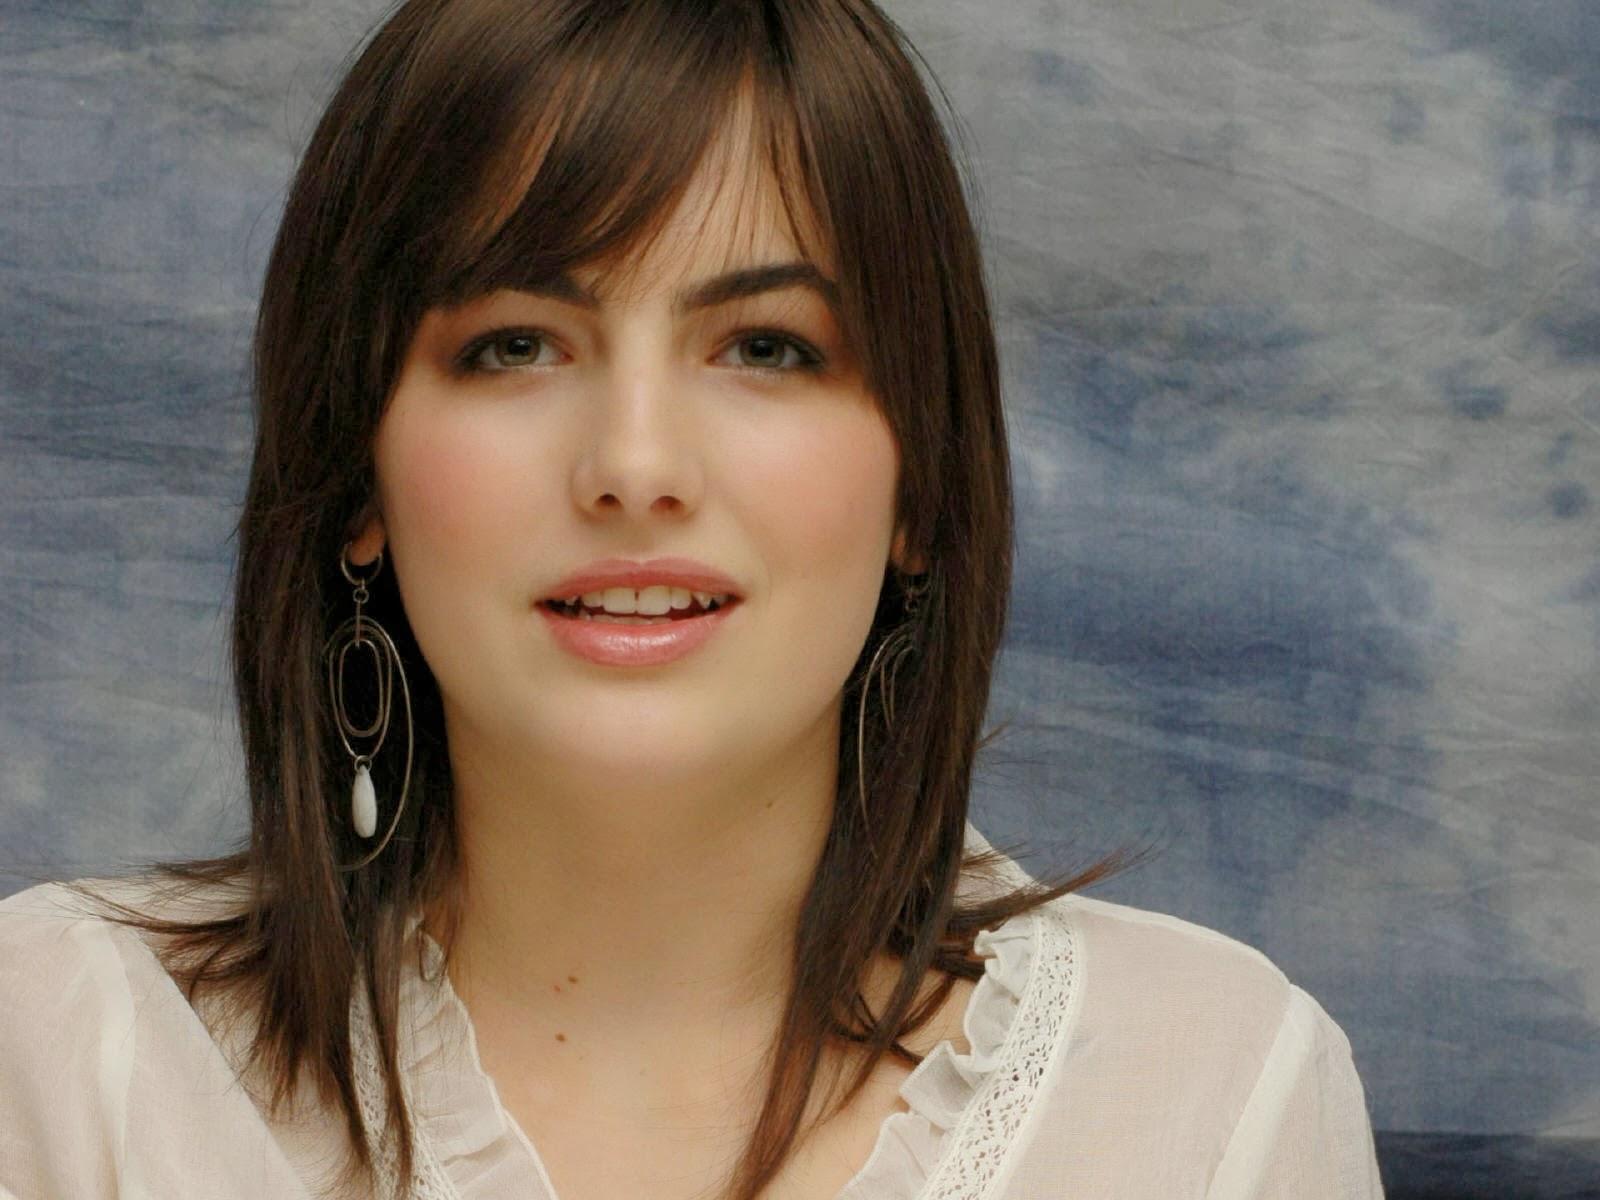 بالصور اجمل بنات في العالم العربي , اجمل صور للبنات العربيه 6095 4